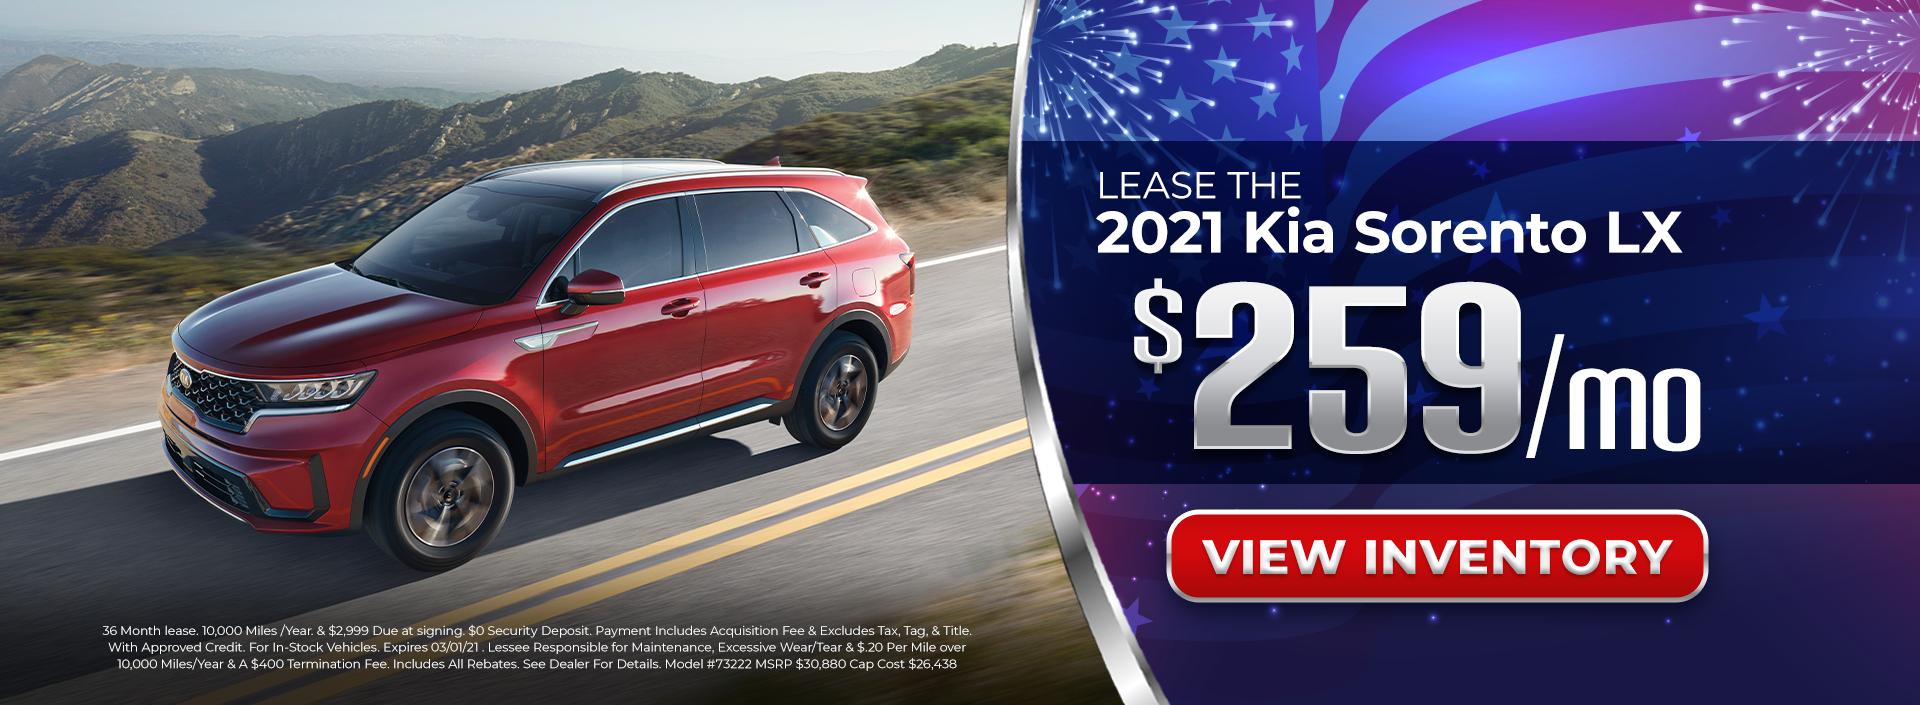 Lease 2021 Kia Sorento for $259/mo